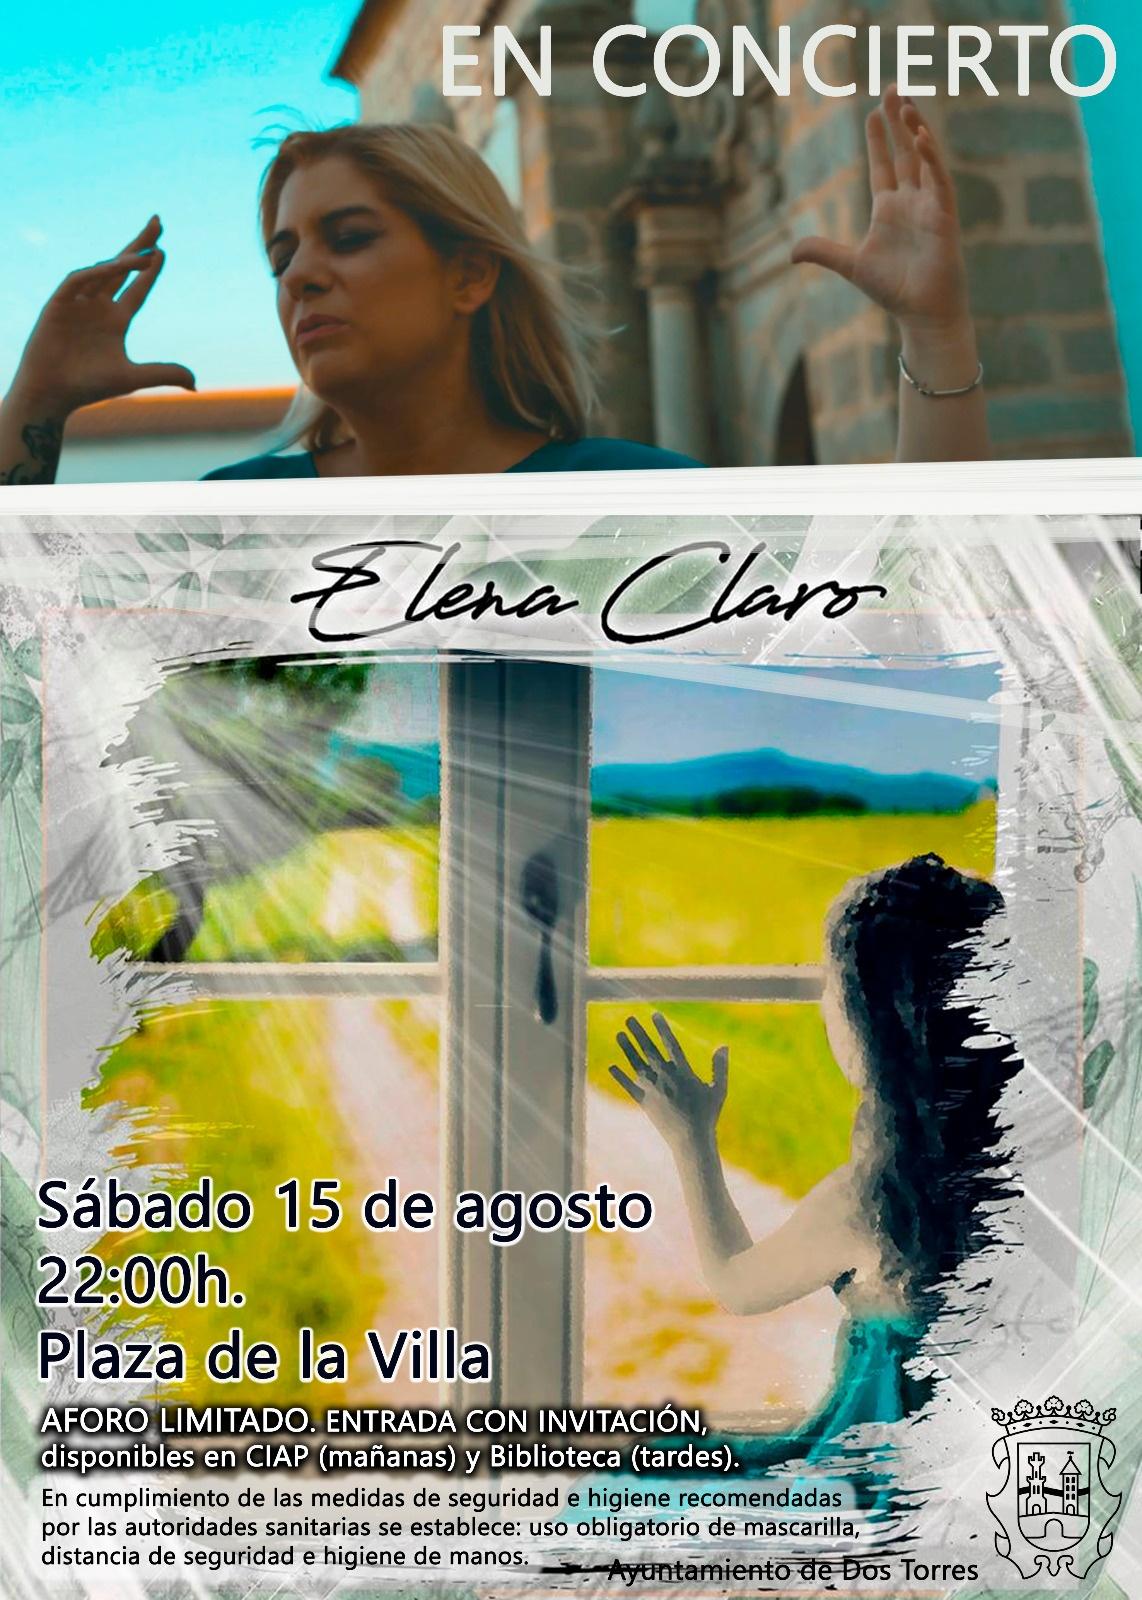 CONCEIRTO ELENA CLARO